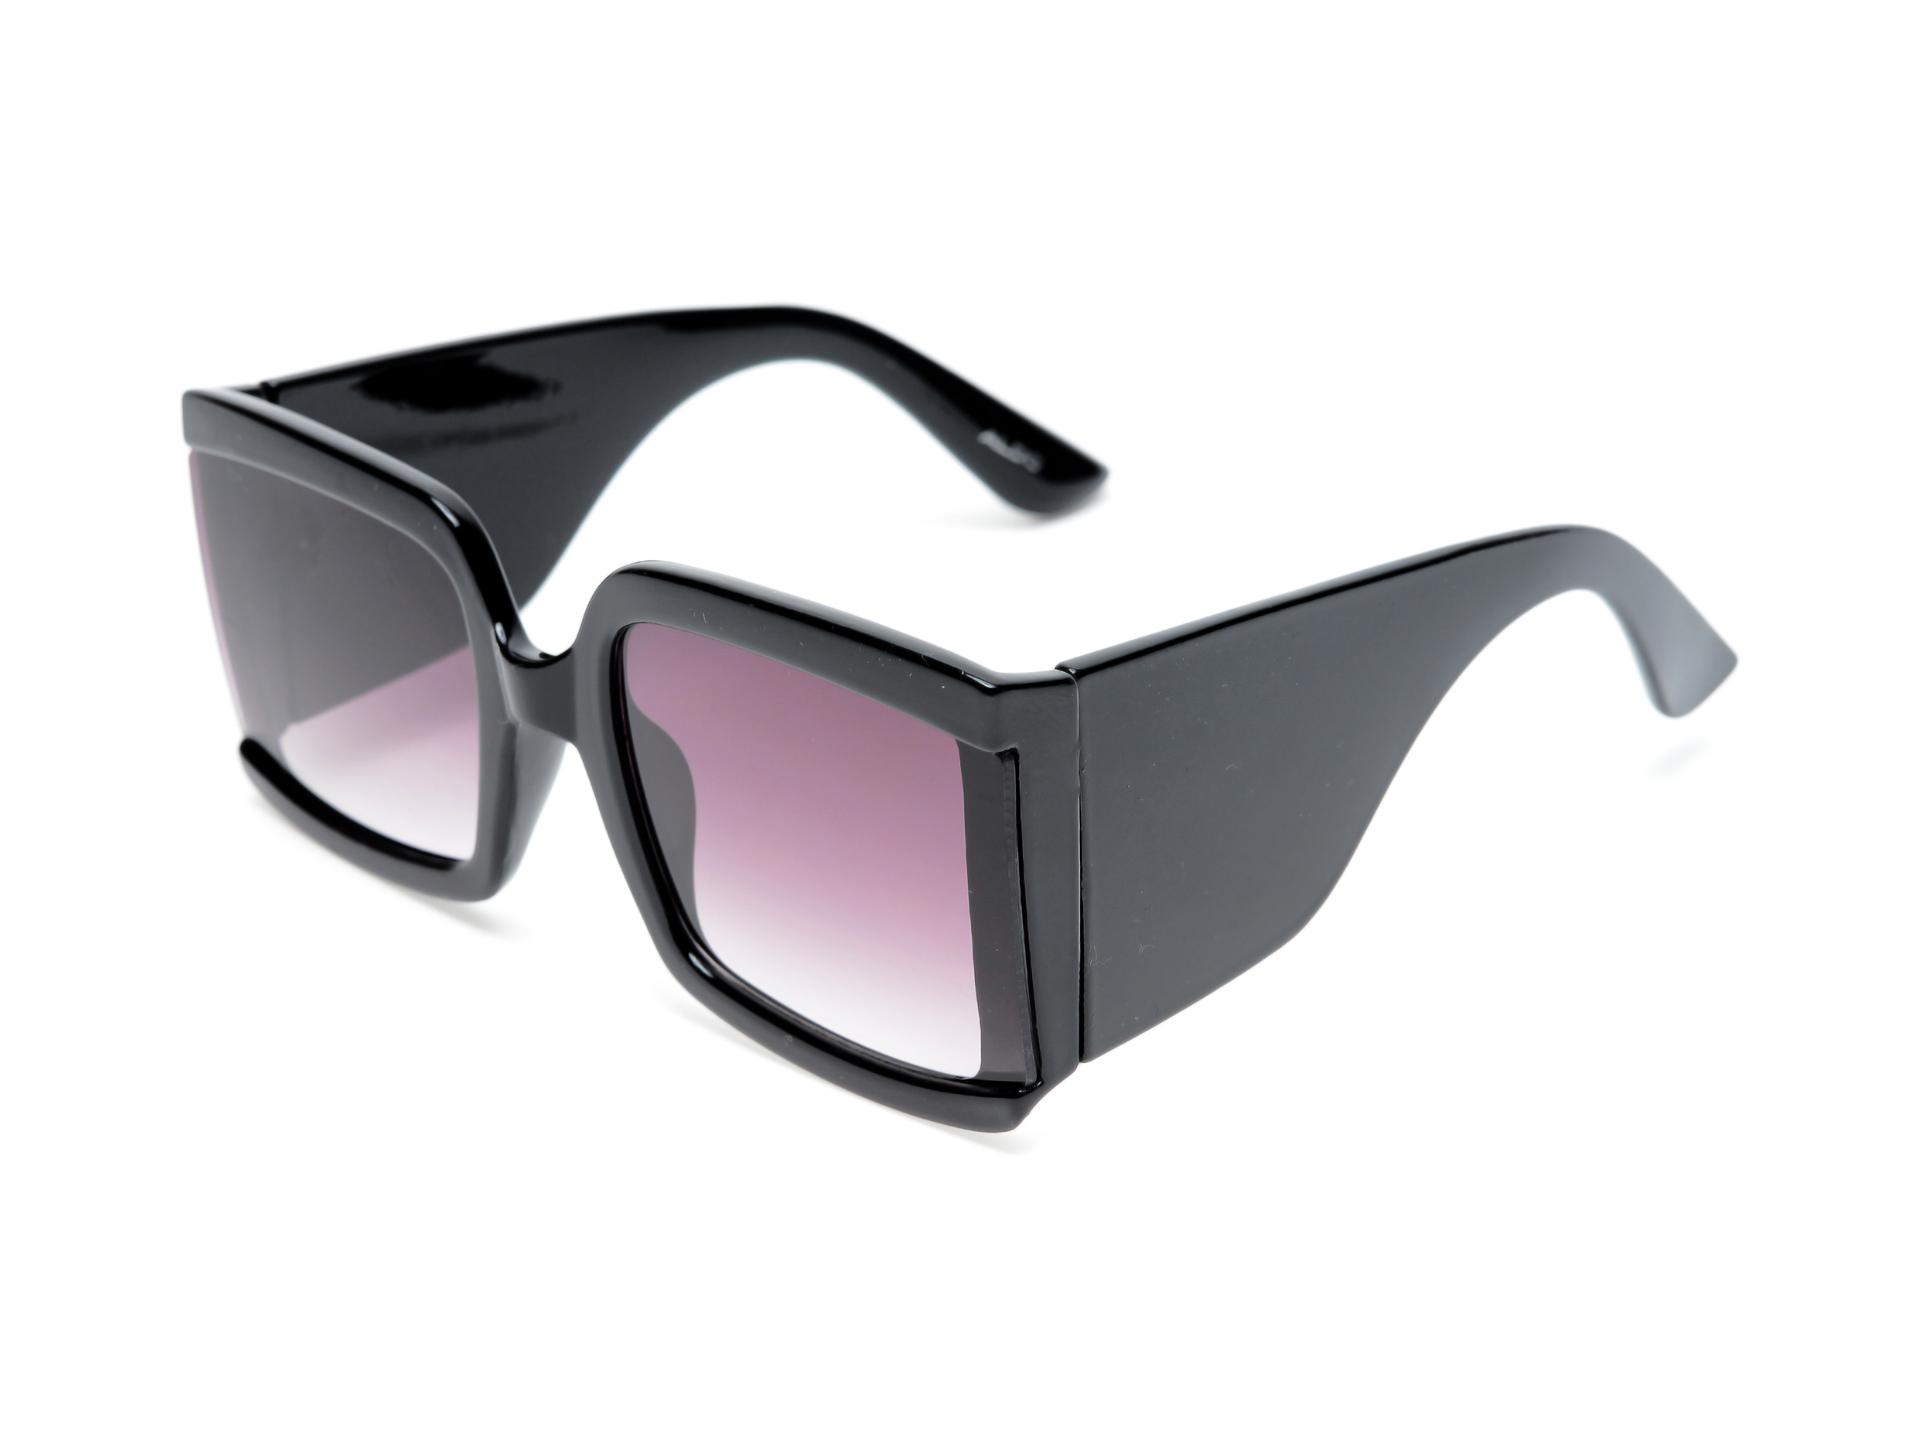 Ochelari de soare ALDO negri, Renchen001, din pvc imagine